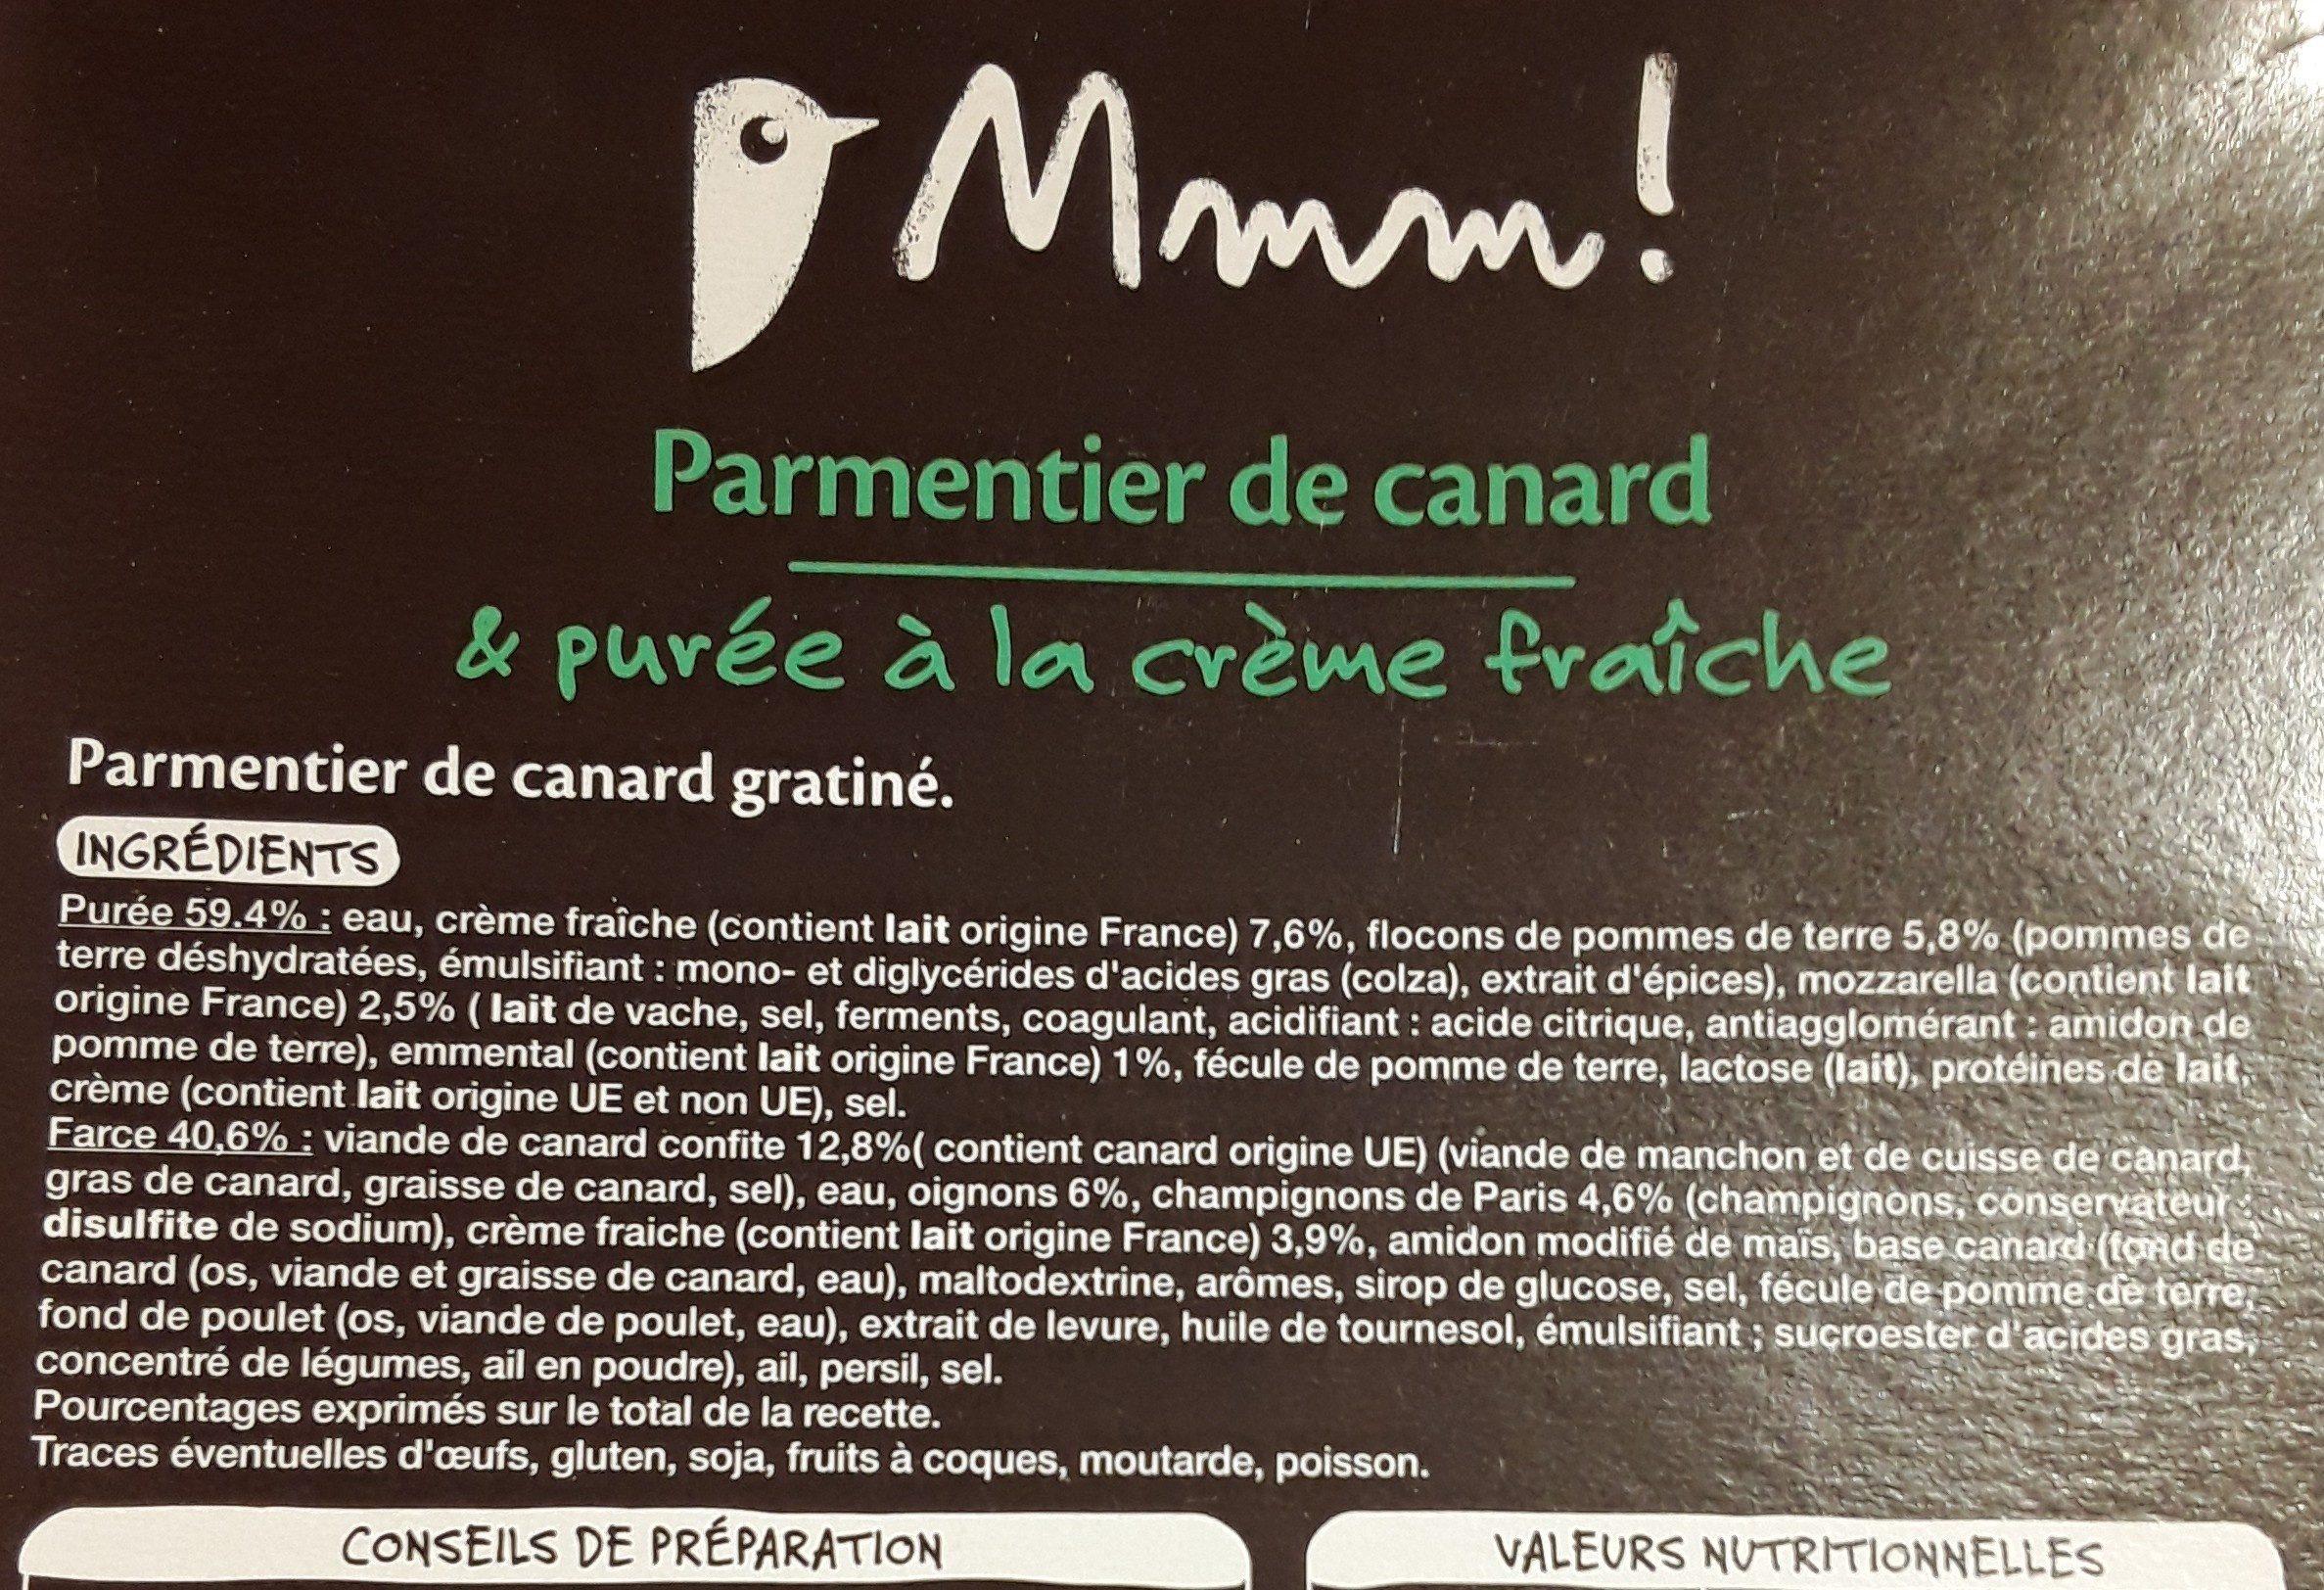 Parmentier de canard gratiné - Ingredienti - fr